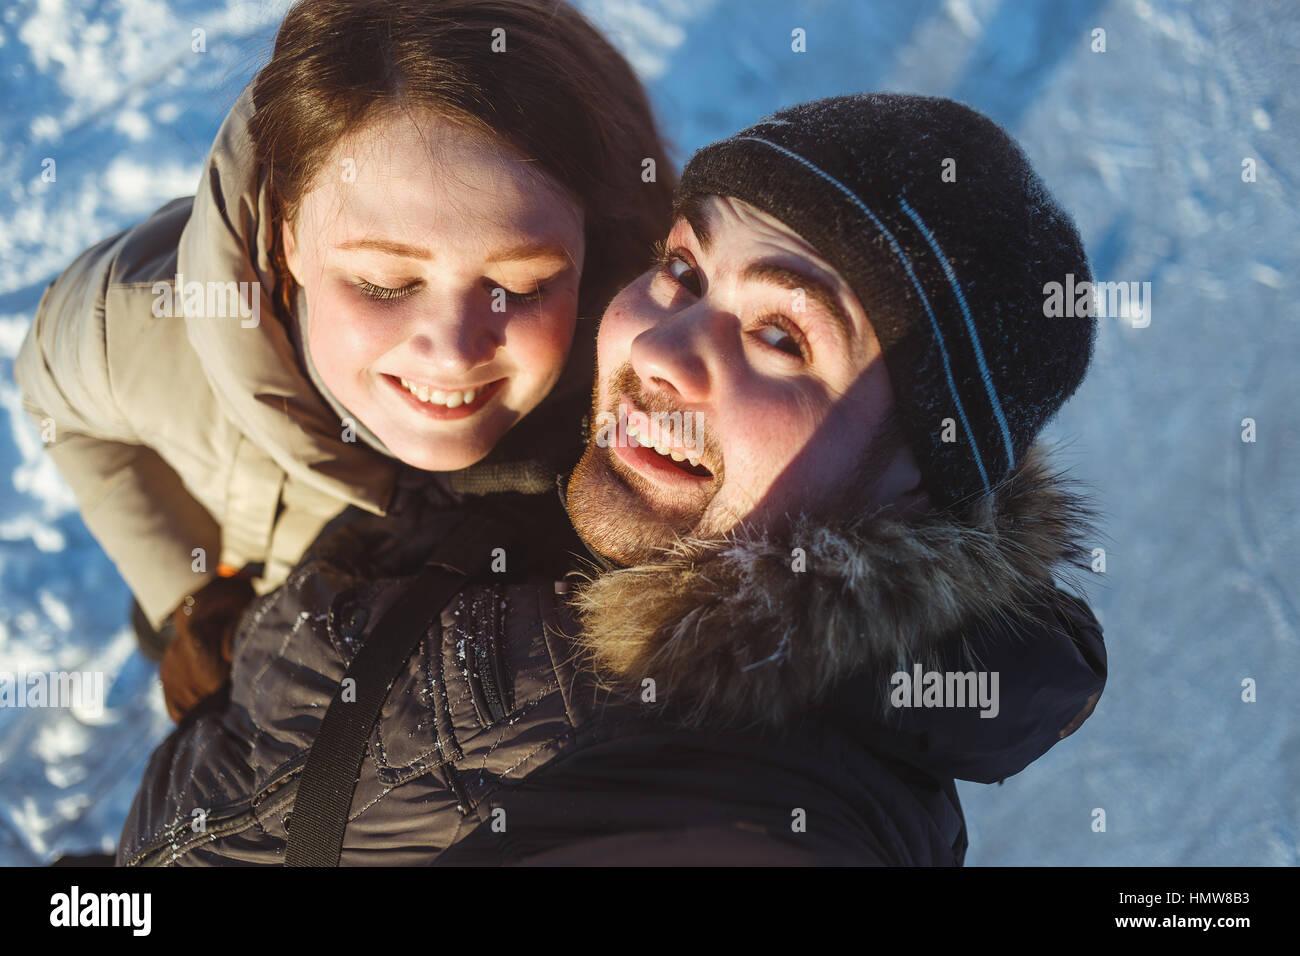 Retrato de invierno hermoso viaje par,excursionista riendo pareja, hombre emocional y la lengua chica,crazy selfie,excursionistas Imagen De Stock